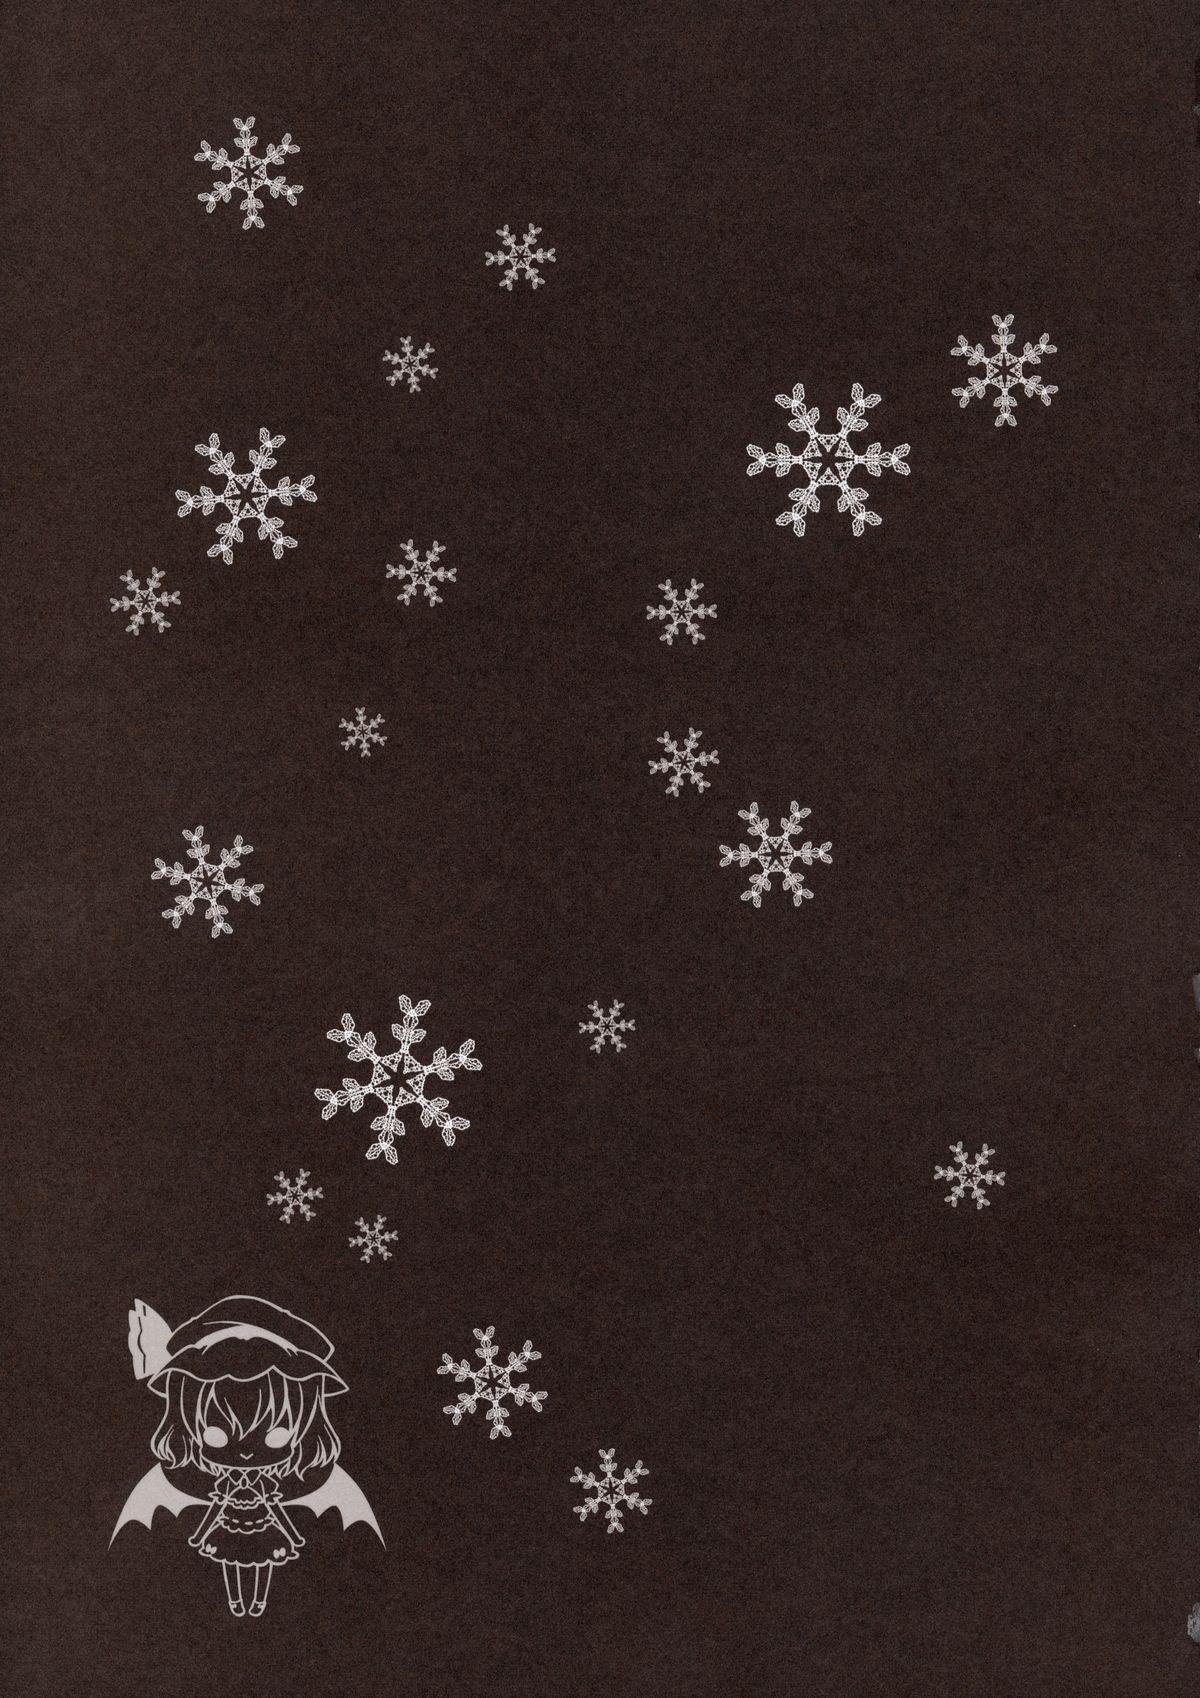 Flan-chan to Christmas 14